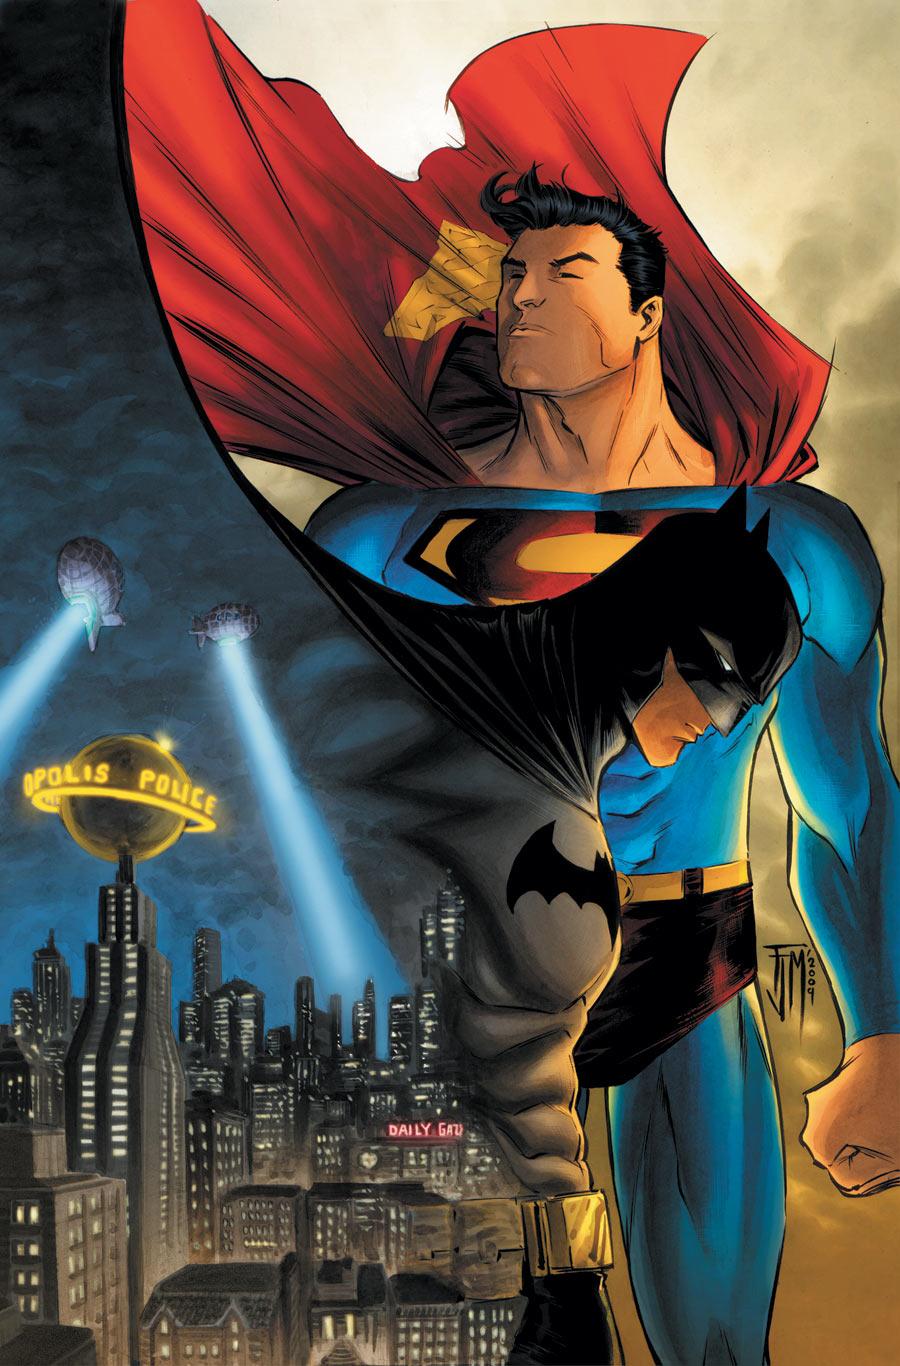 超人与蝙蝠侠_求些蝙蝠侠和超人的基情图片